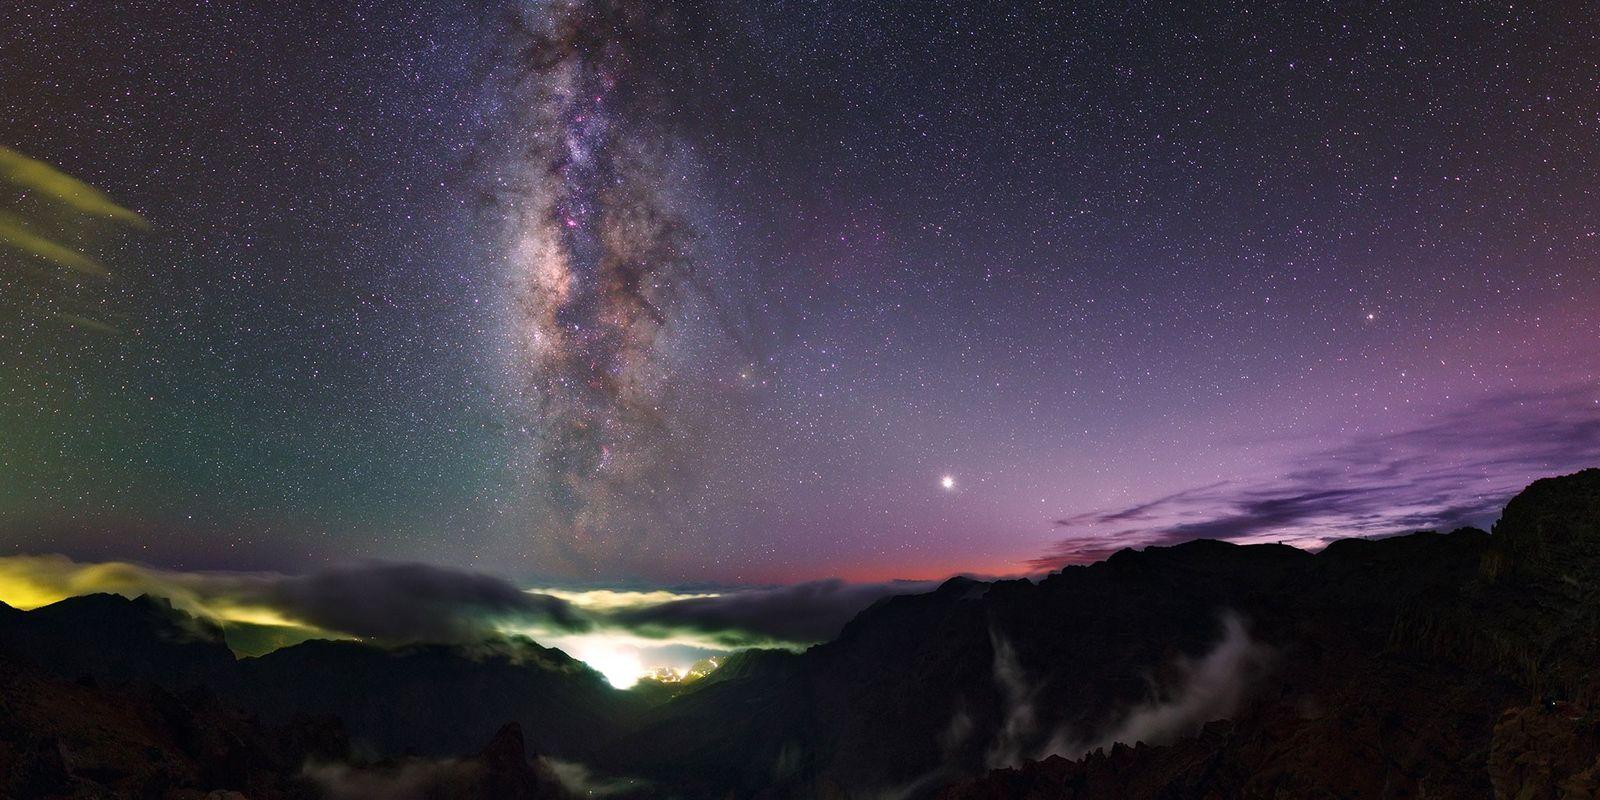 Sommes-nous seuls dans l'univers ? Peut-être. Mais la vraie question est : pouvons-nous survivre ?